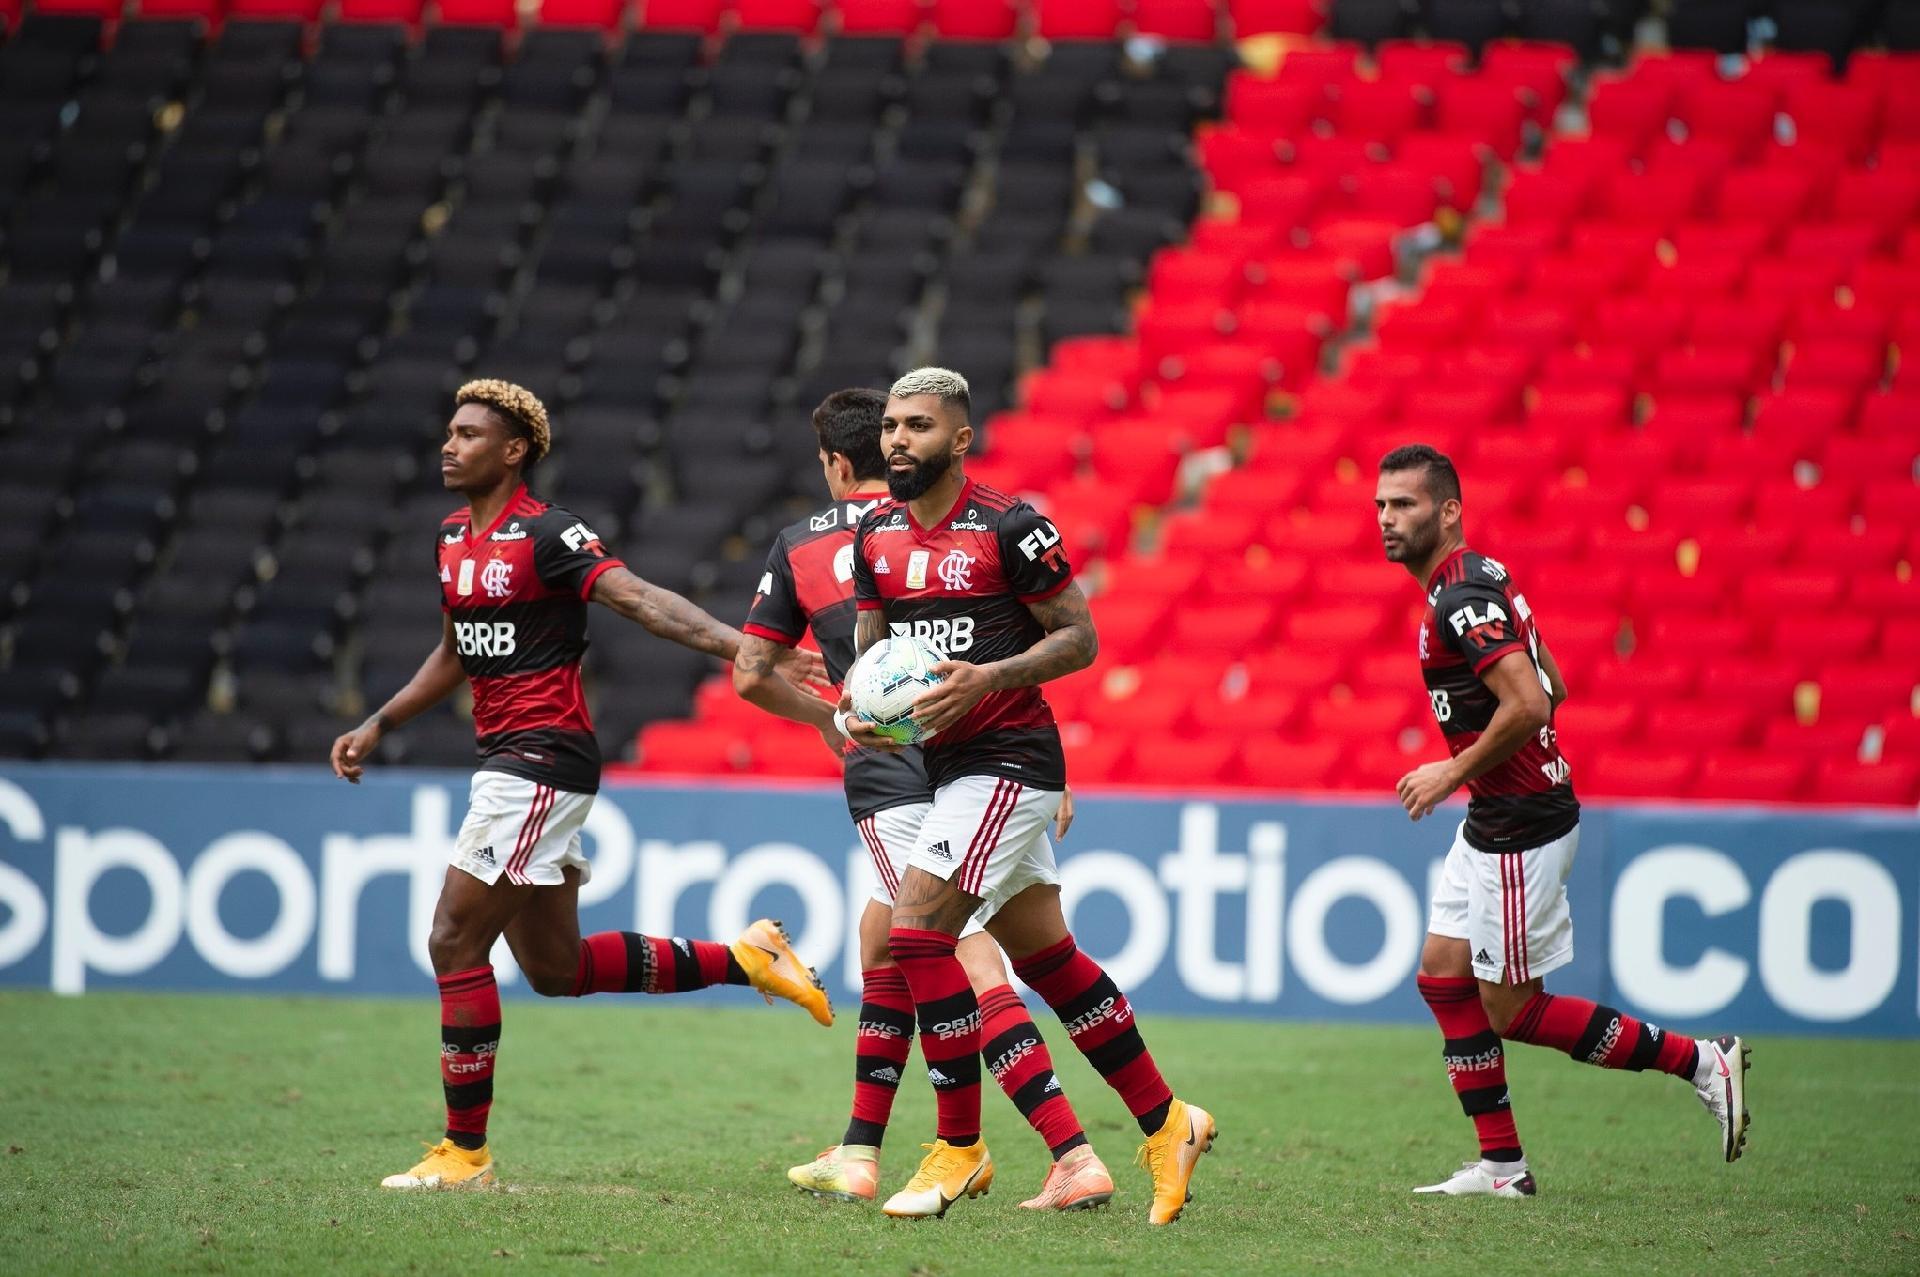 Flamengo Lidera Veja Os Elencos Mais Valiosos Do Brasileirao 2020 10 09 2020 Uol Esporte